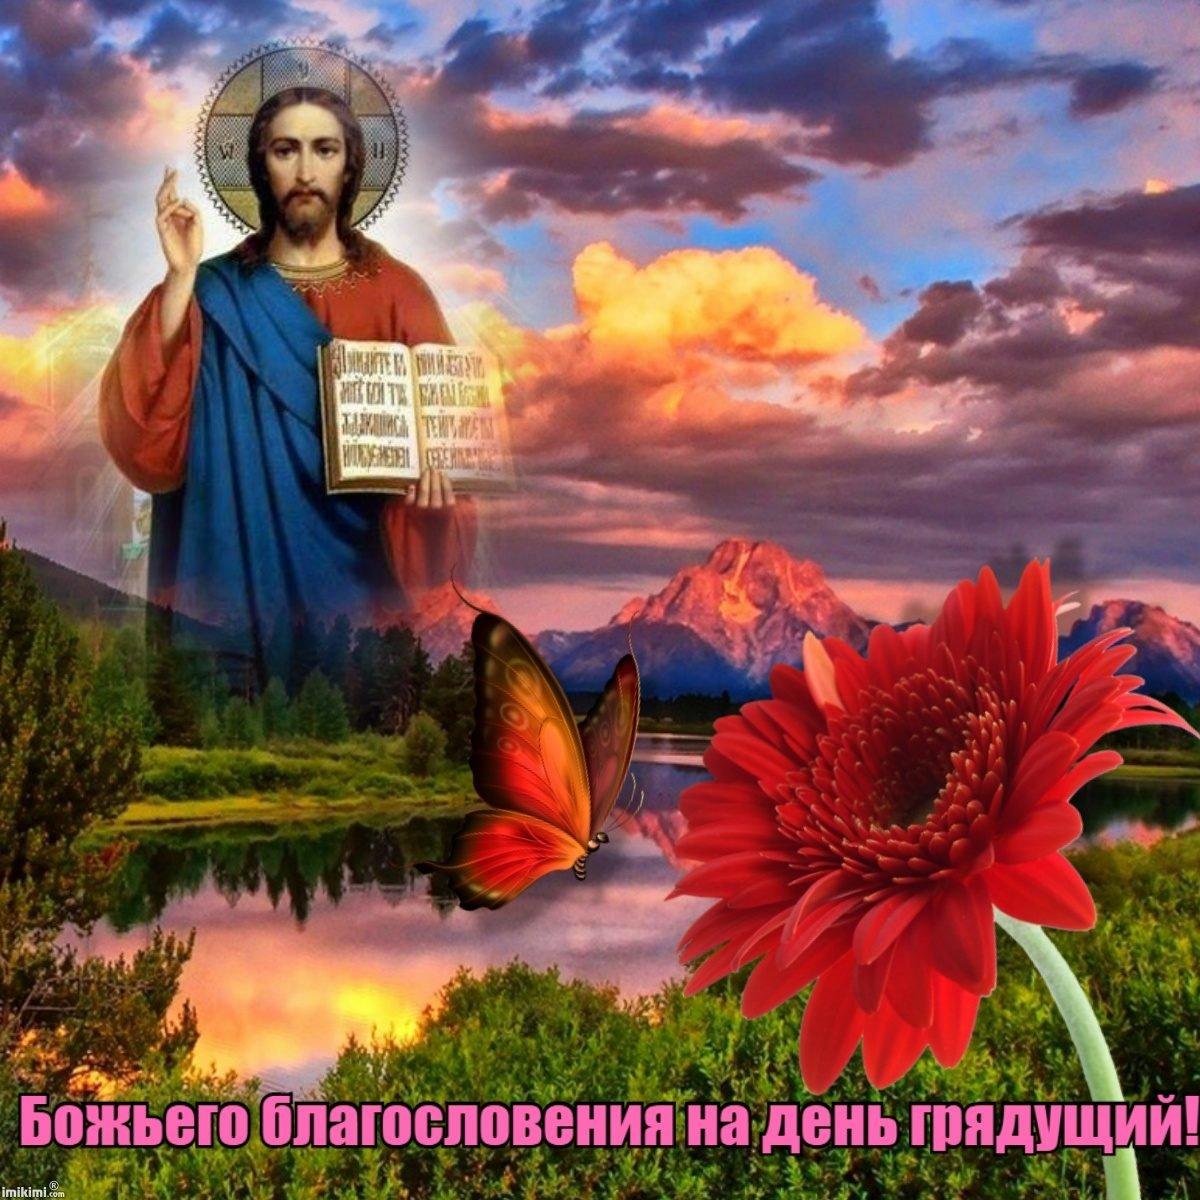 Открытка благословение господне